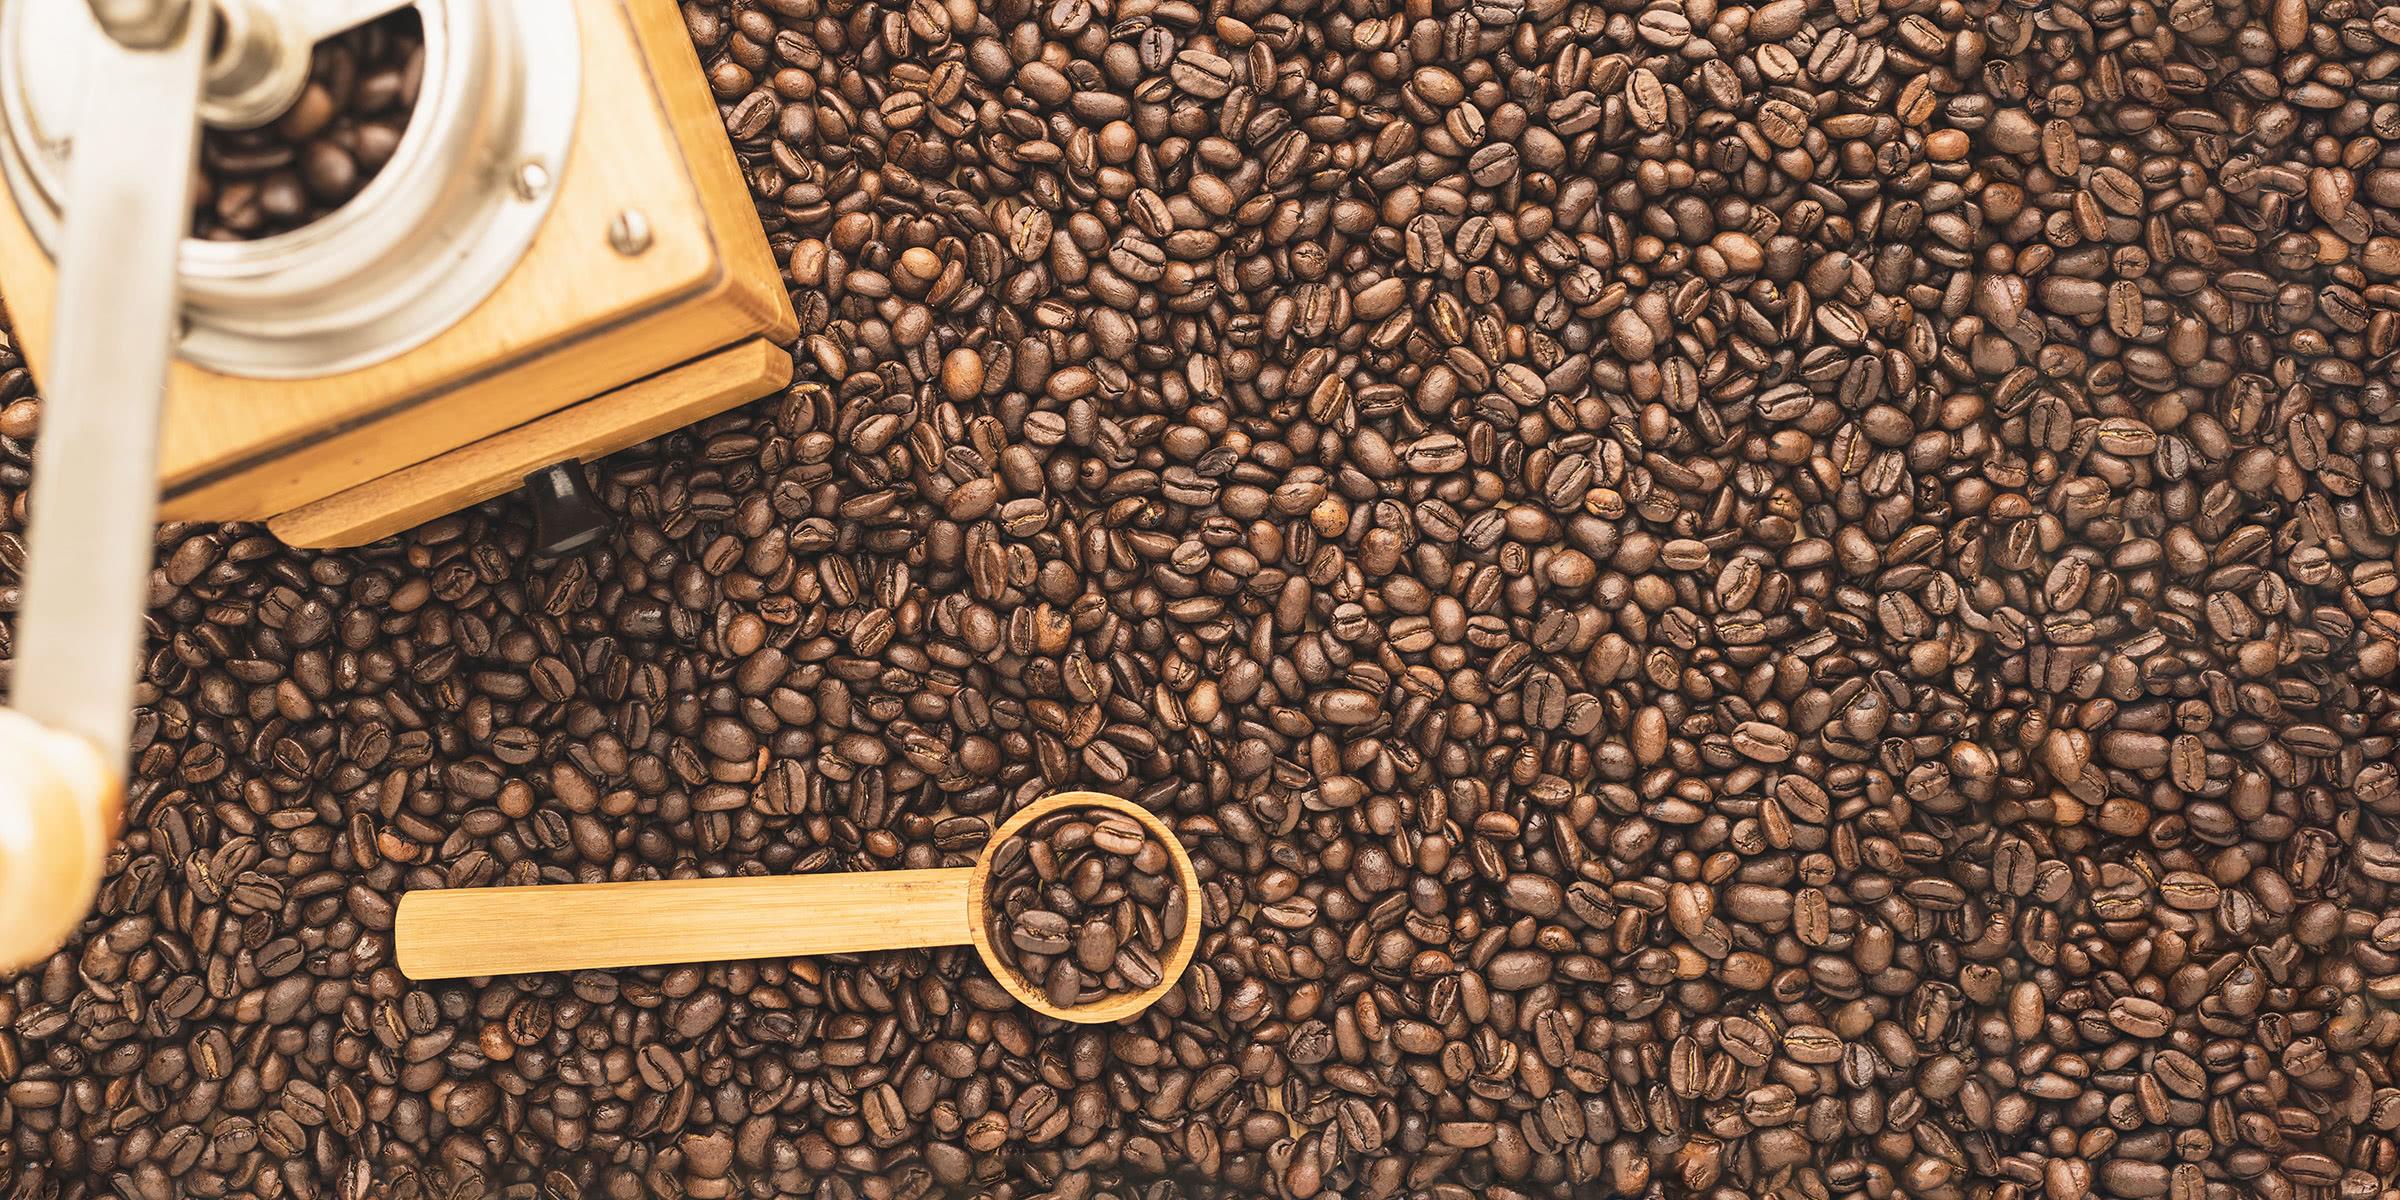 best coffee grinders review - Luxe Digital